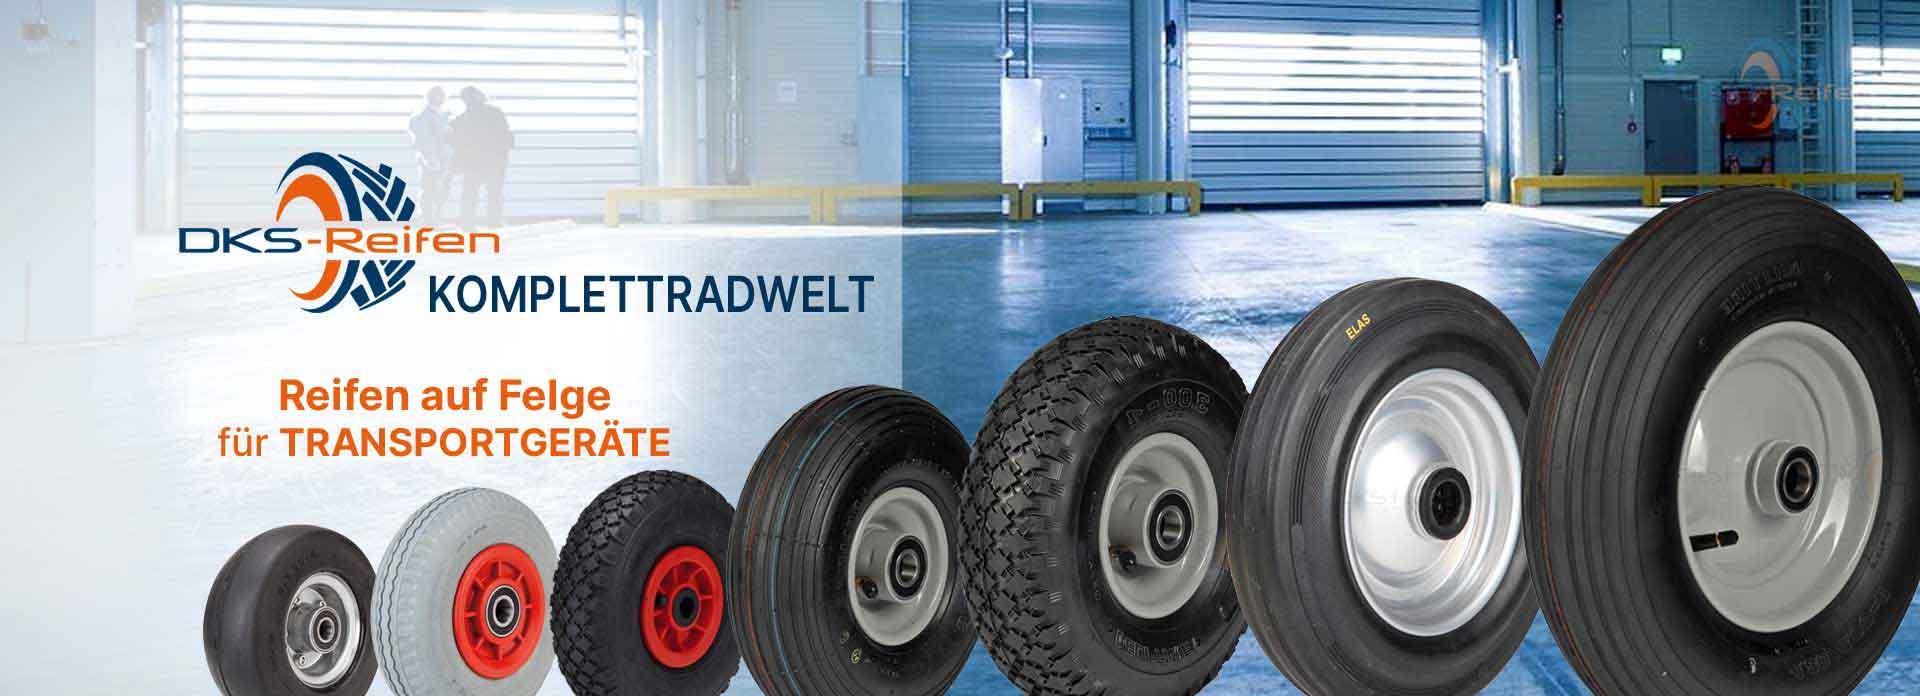 DKS Reifen Online Fachhandel | große Auswahl an Rädern für Transportgeräte